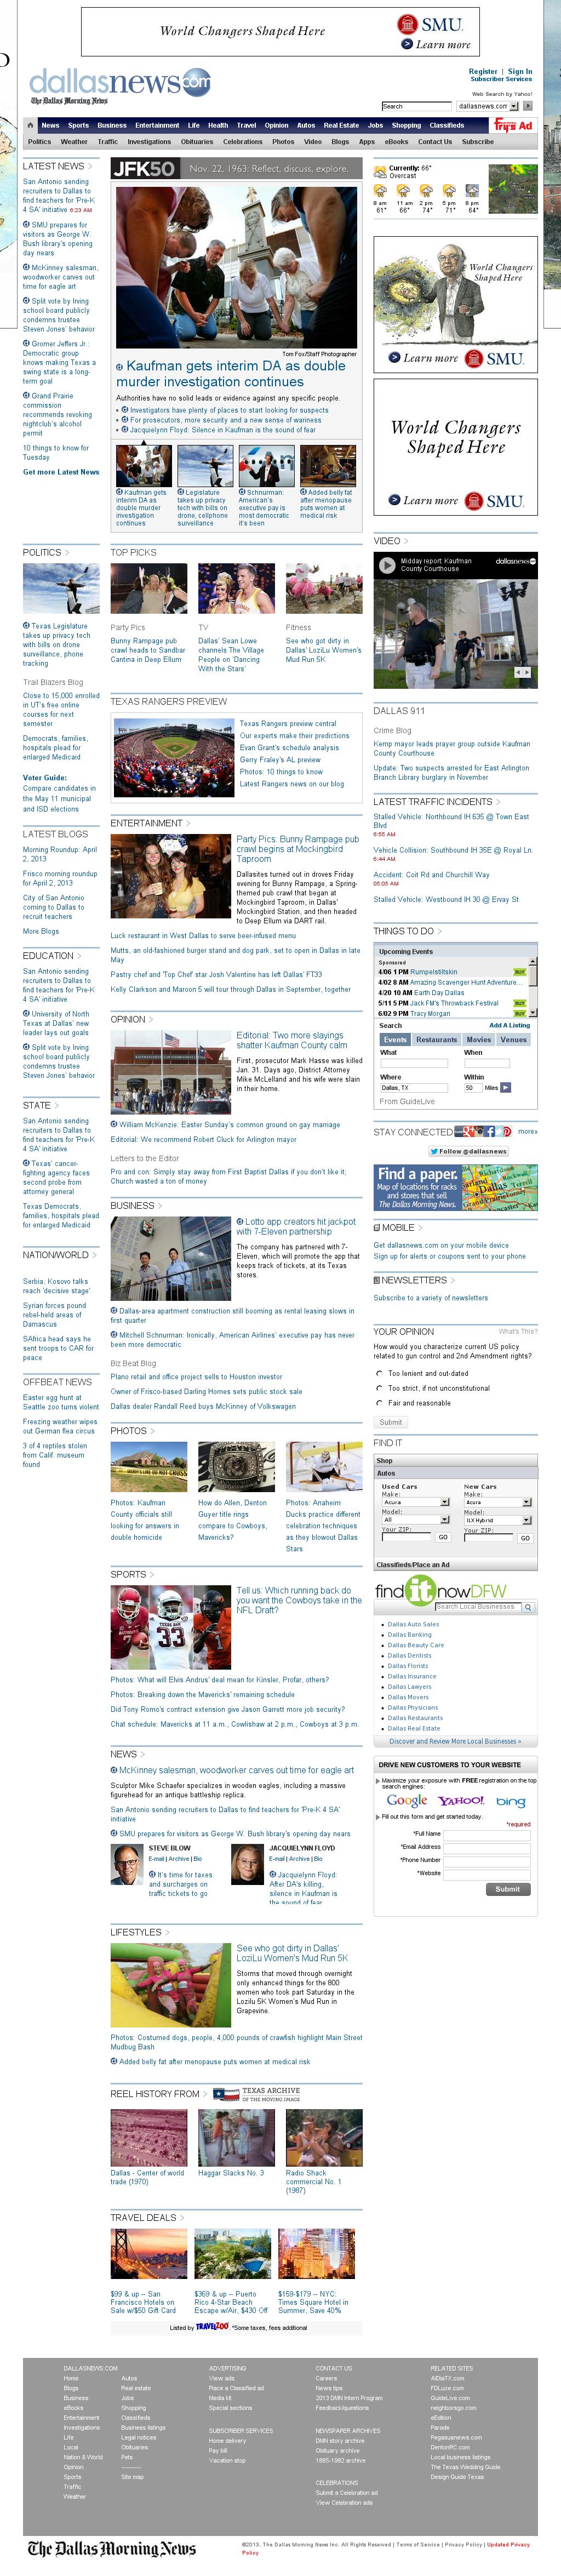 dallasnews.com at Tuesday April 2, 2013, 12:04 p.m. UTC